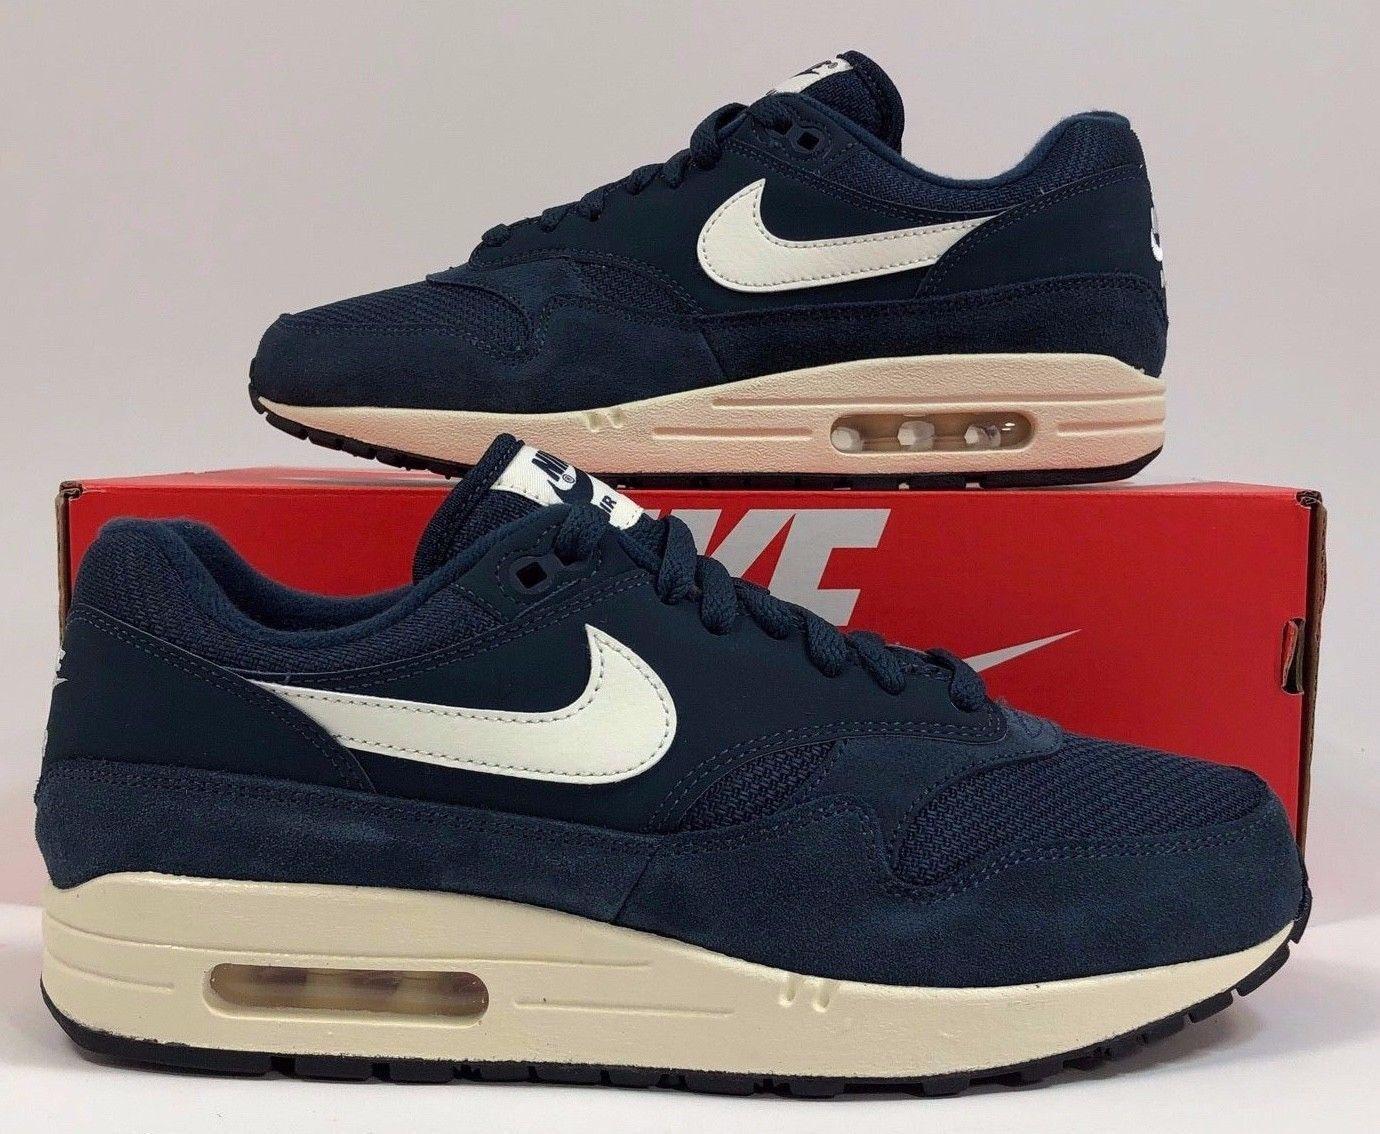 6c3577fc22b6b AIR MAX 1 ARMORY NAVY blueeE SZ 9-13 SAIL NIKE nukpzh1362-Athletic Shoes